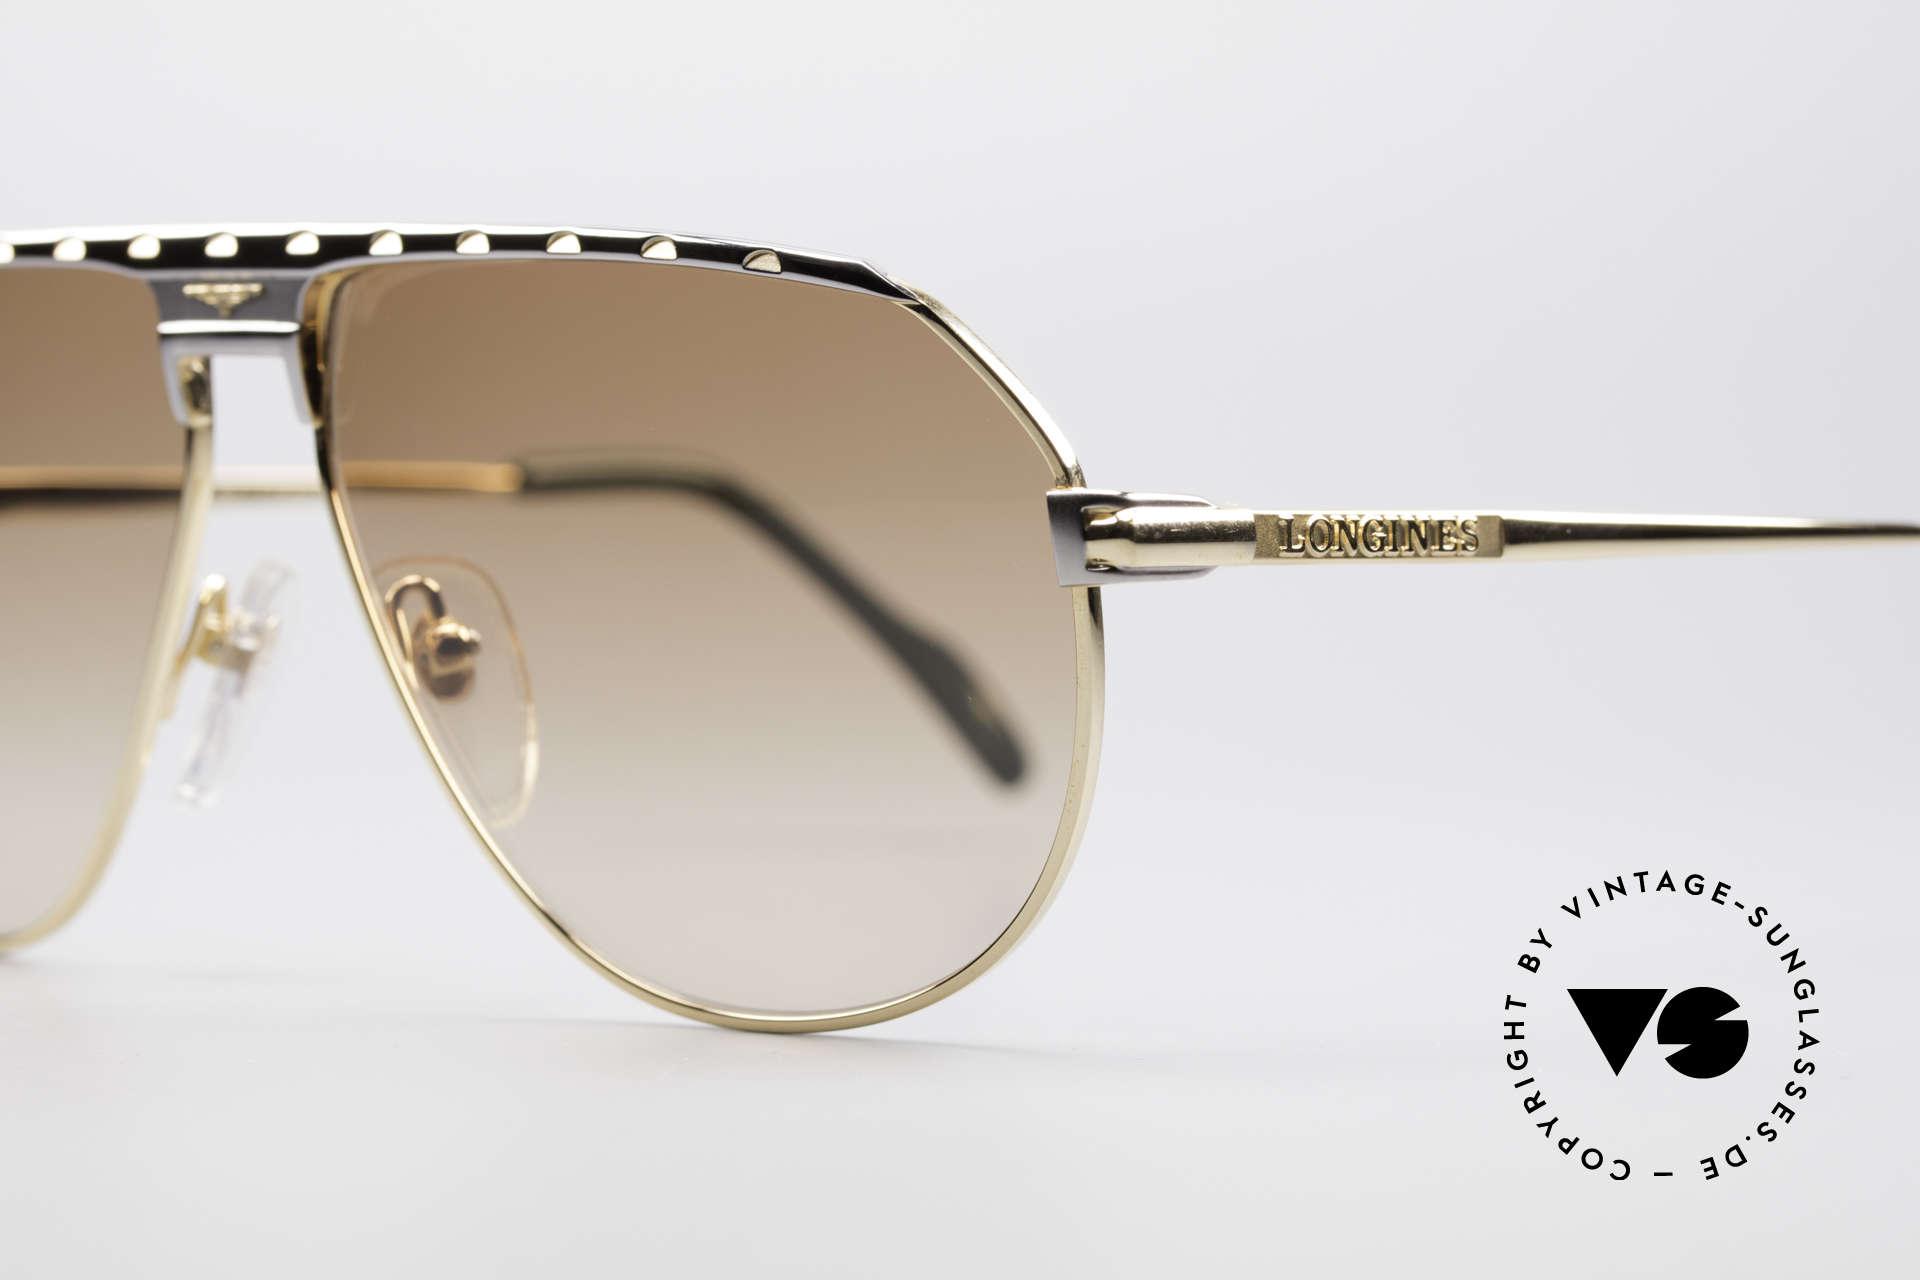 Longines 0151 Large Titanium Sonnenbrille, LARGE Größe 61-13 und mit Lederetui von GENTA, Passend für Herren